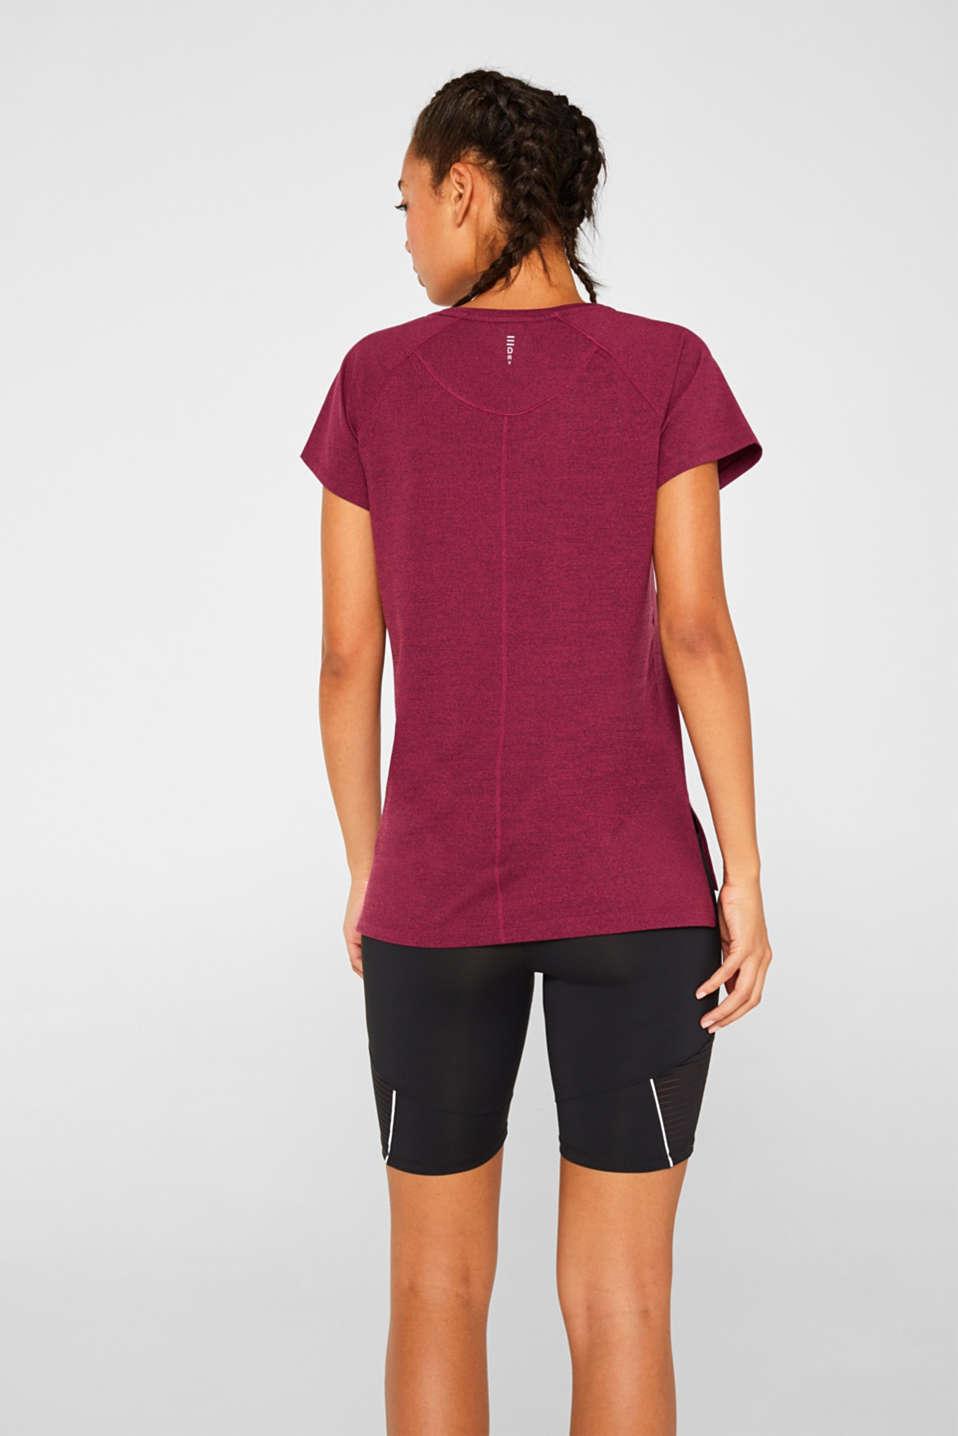 Melange active T-shirt, E-DRY, DARK PINK 2, detail image number 3